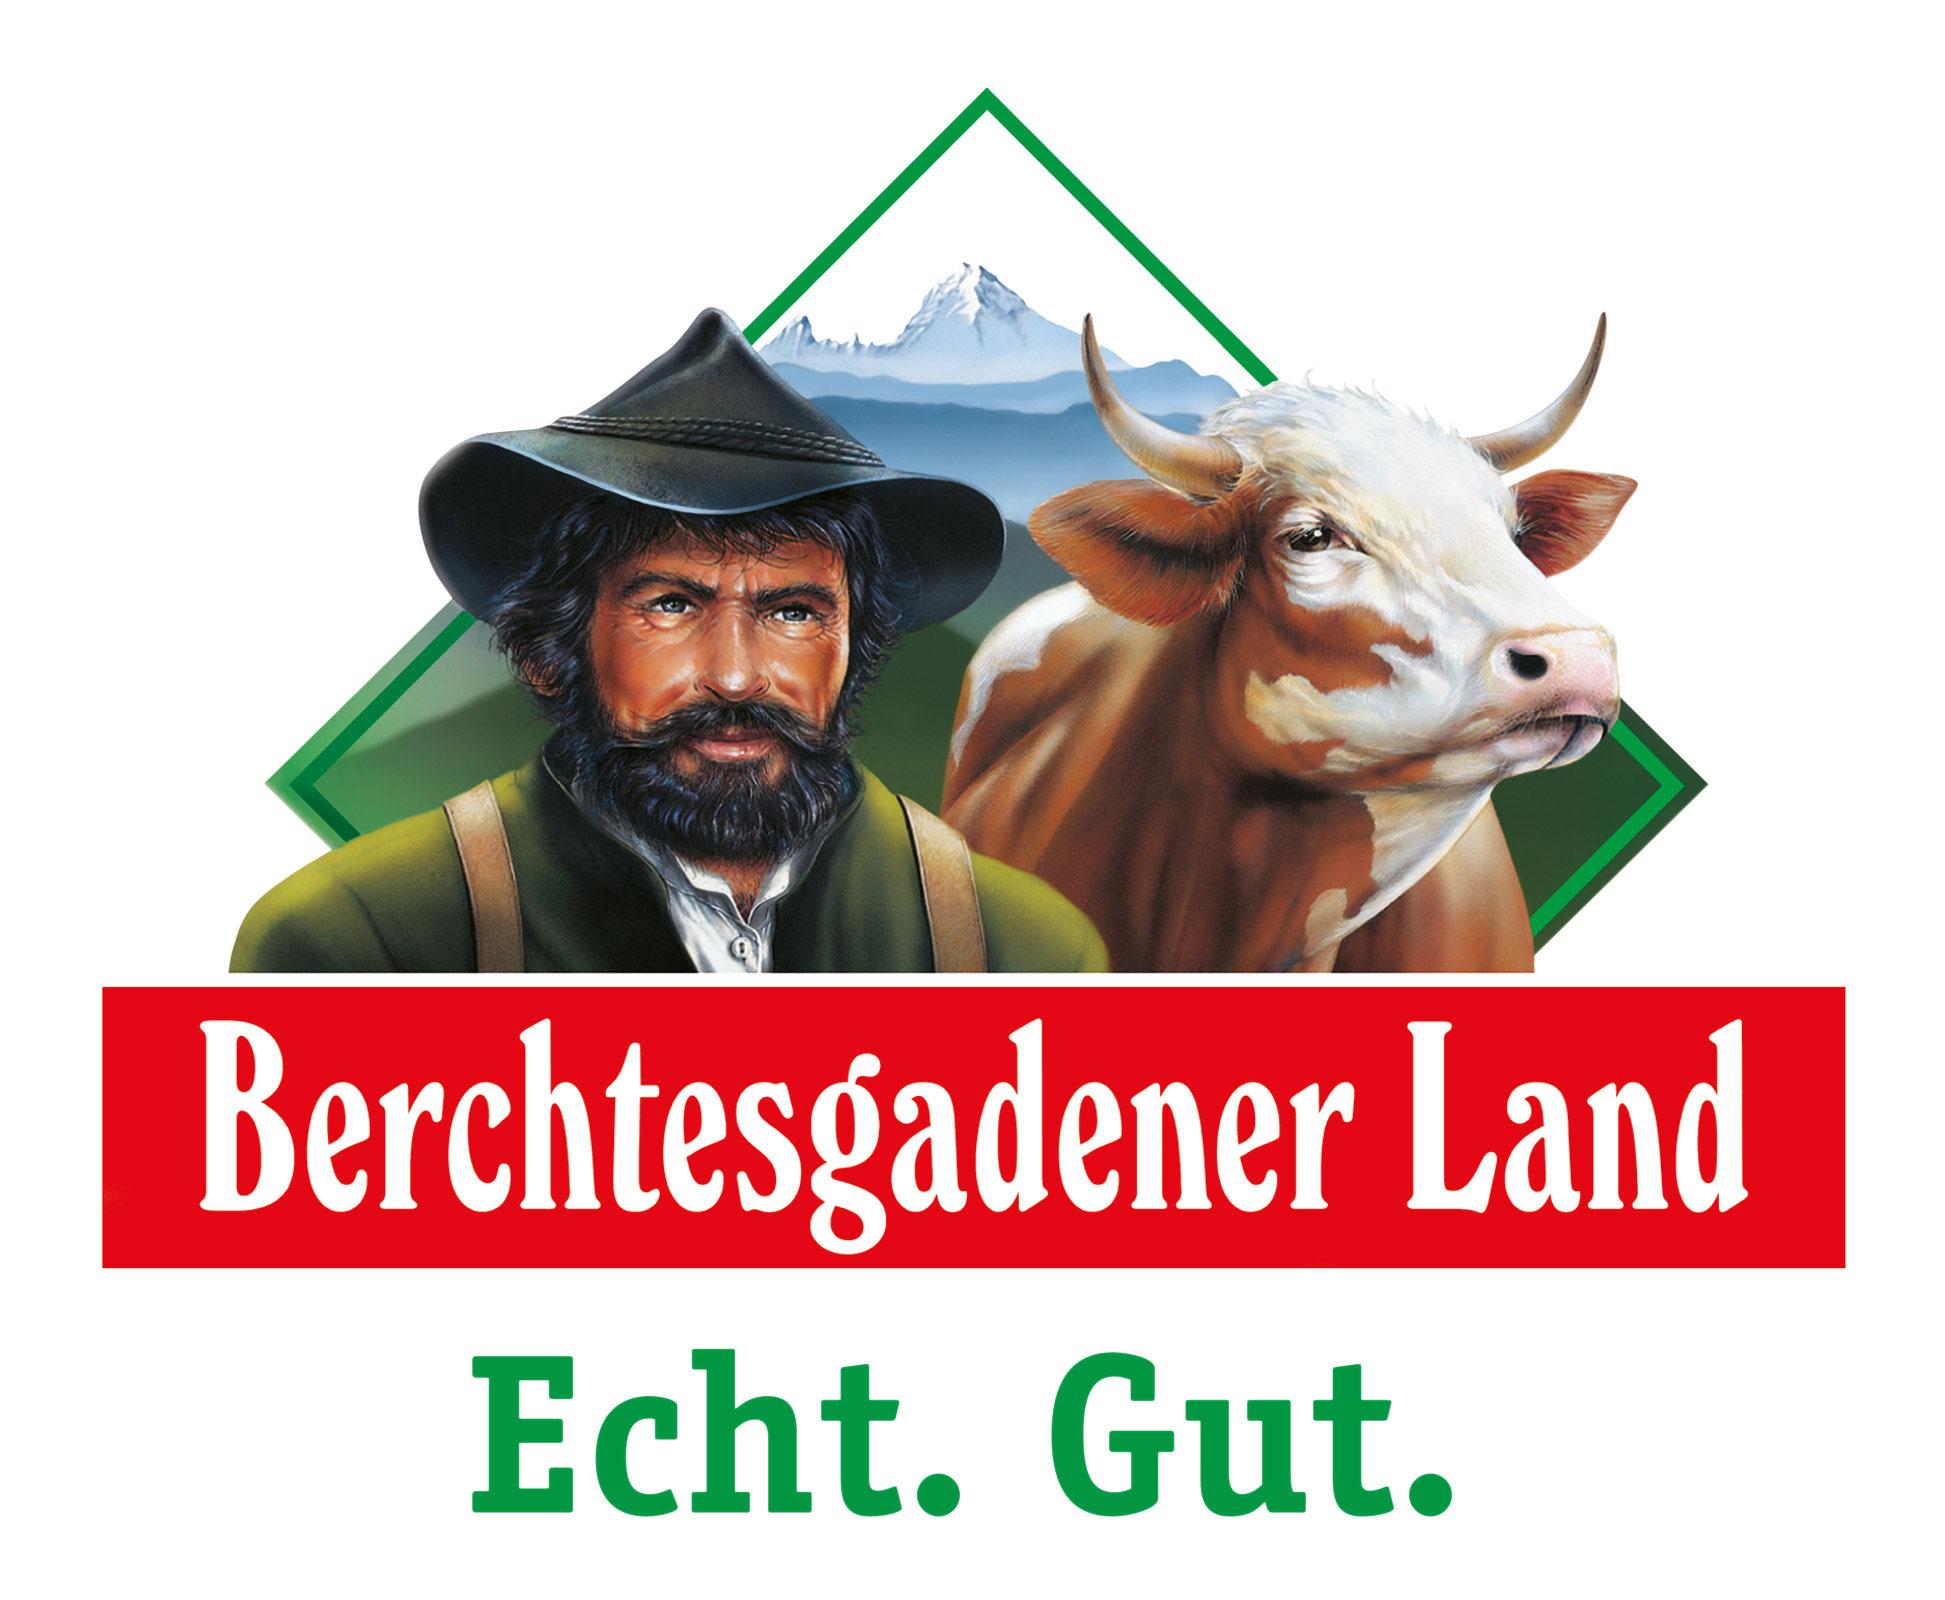 """Das Logo der Molkerei Berchtesgadener Land zeigt eine ggrüne Raute auf weißem Hintergrund in der ein bärtiger Milchbauer sowie eine Kuh über dem rot hinterlegten Schriftzug """"Berchtesgadener Land"""" abgebildet sind."""